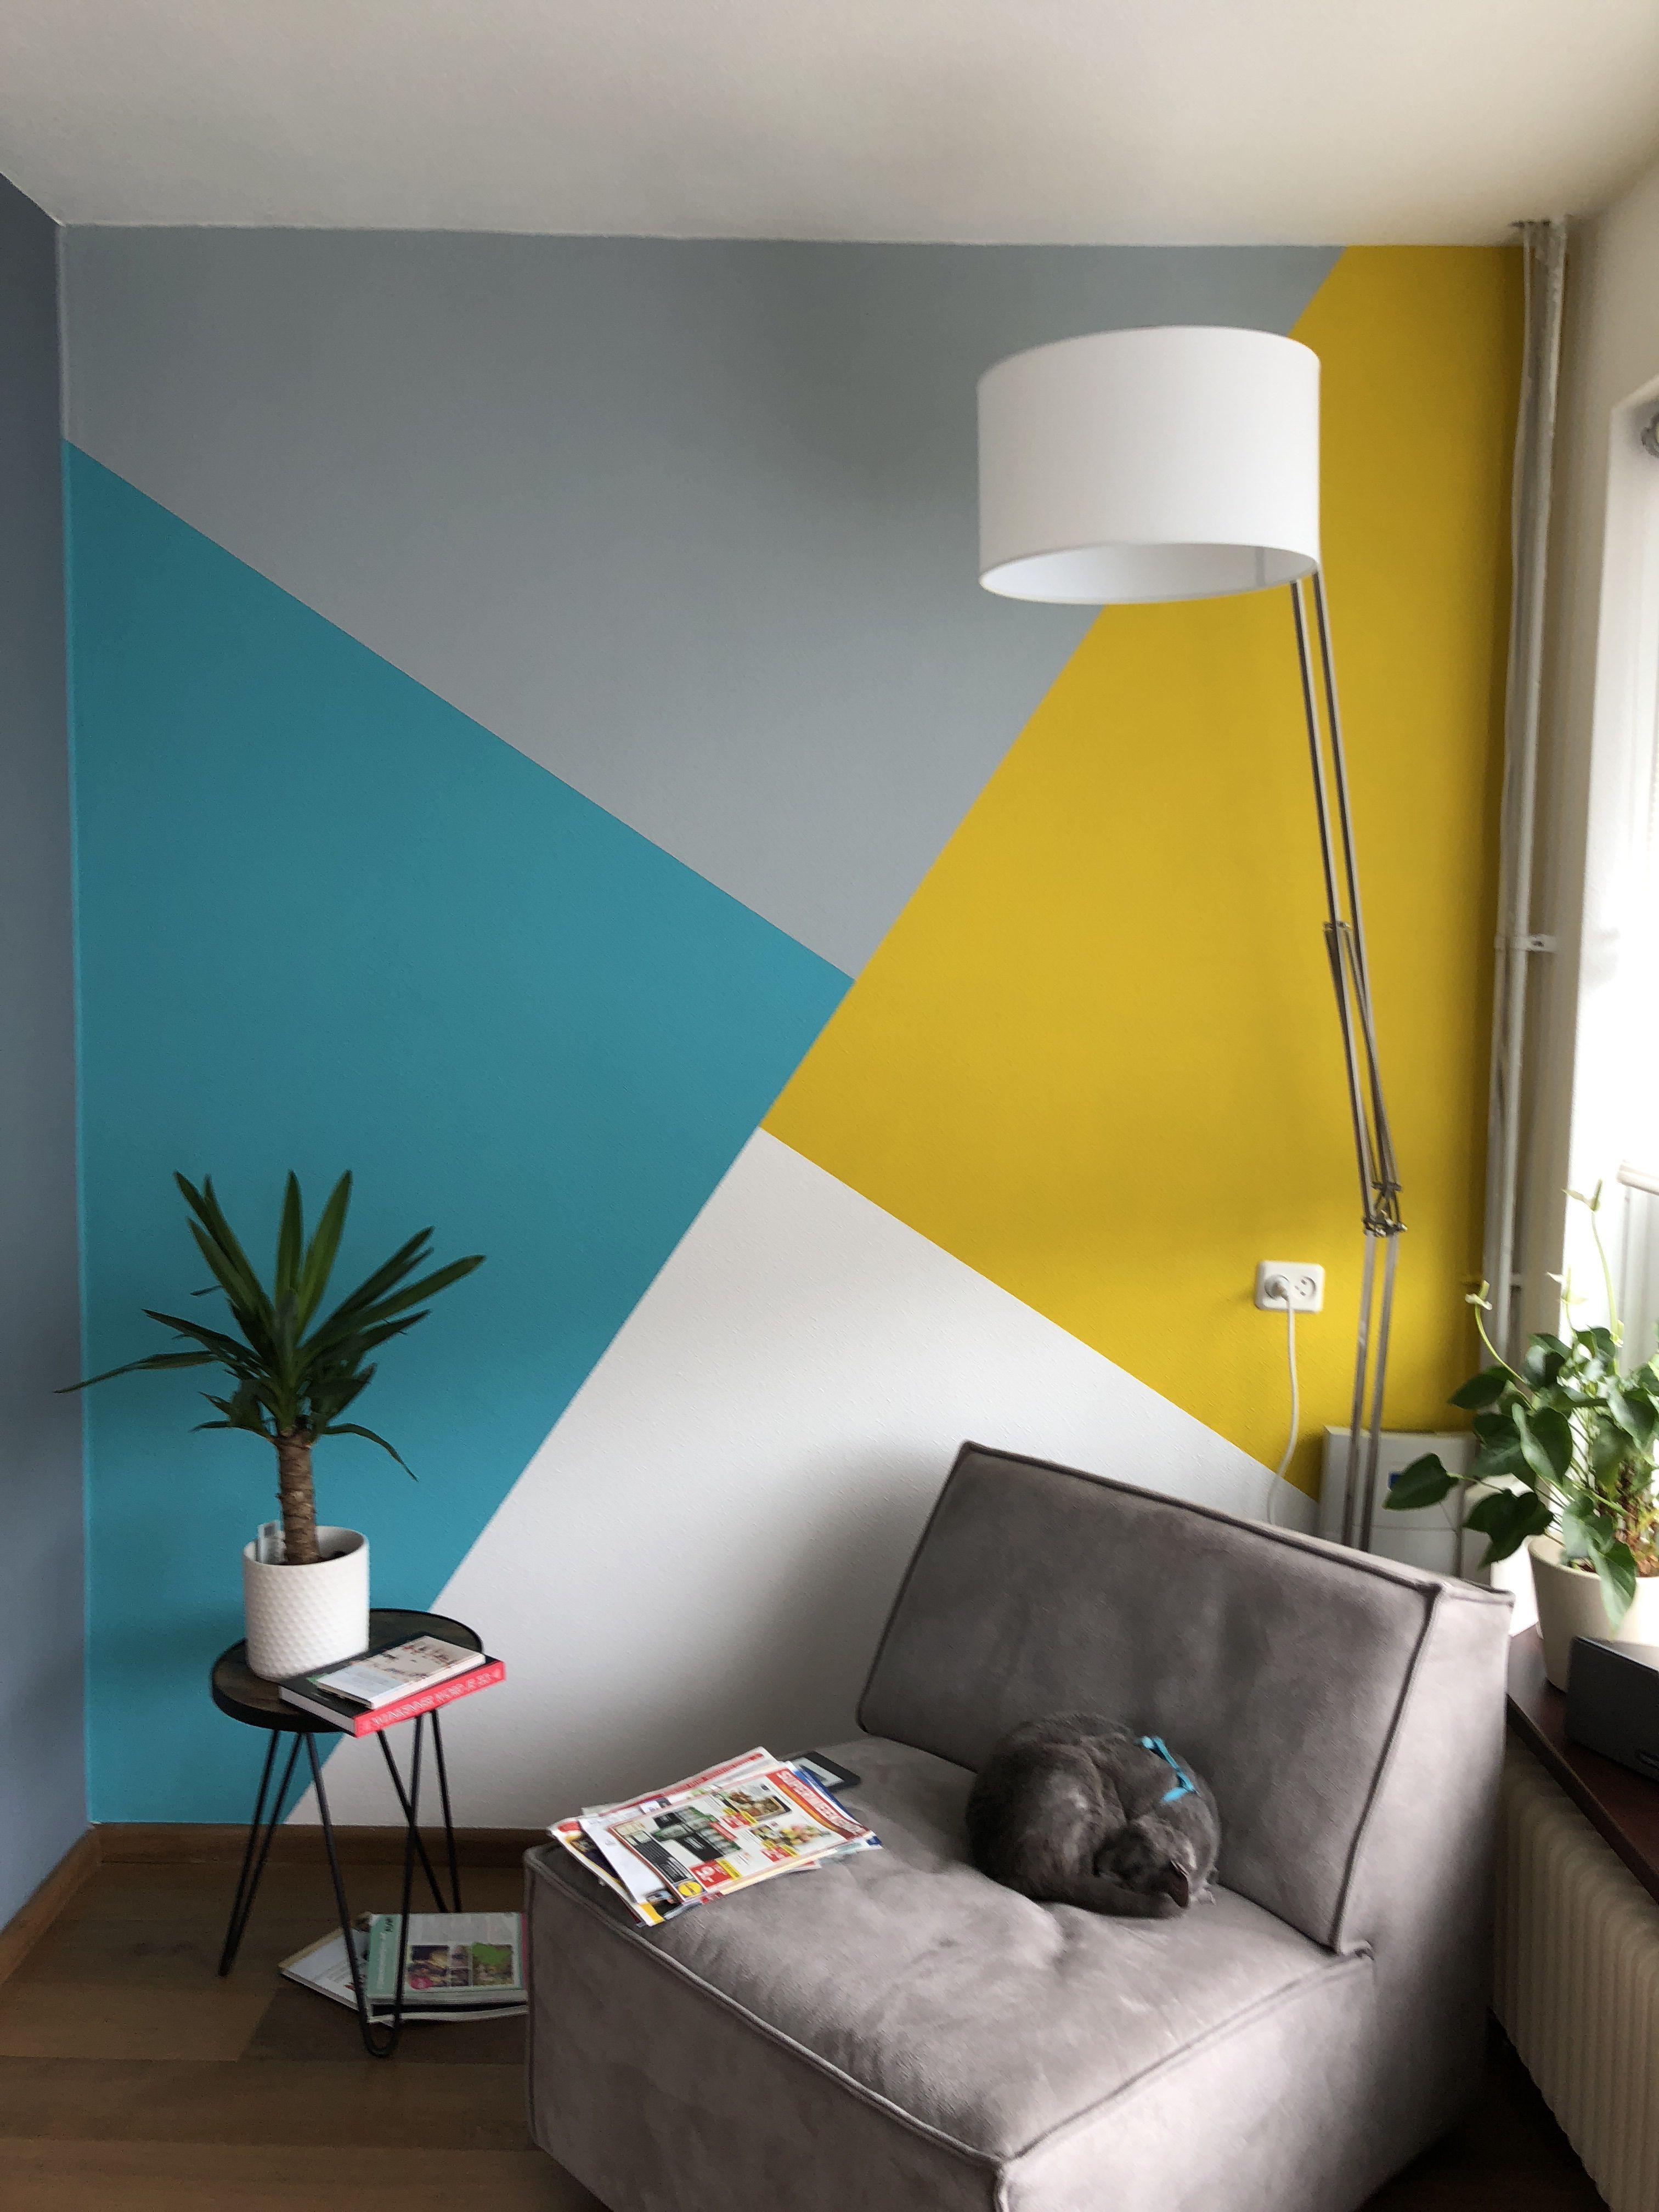 будны таленавіты покраска стен в два цвета дизайн фото бесконтактного